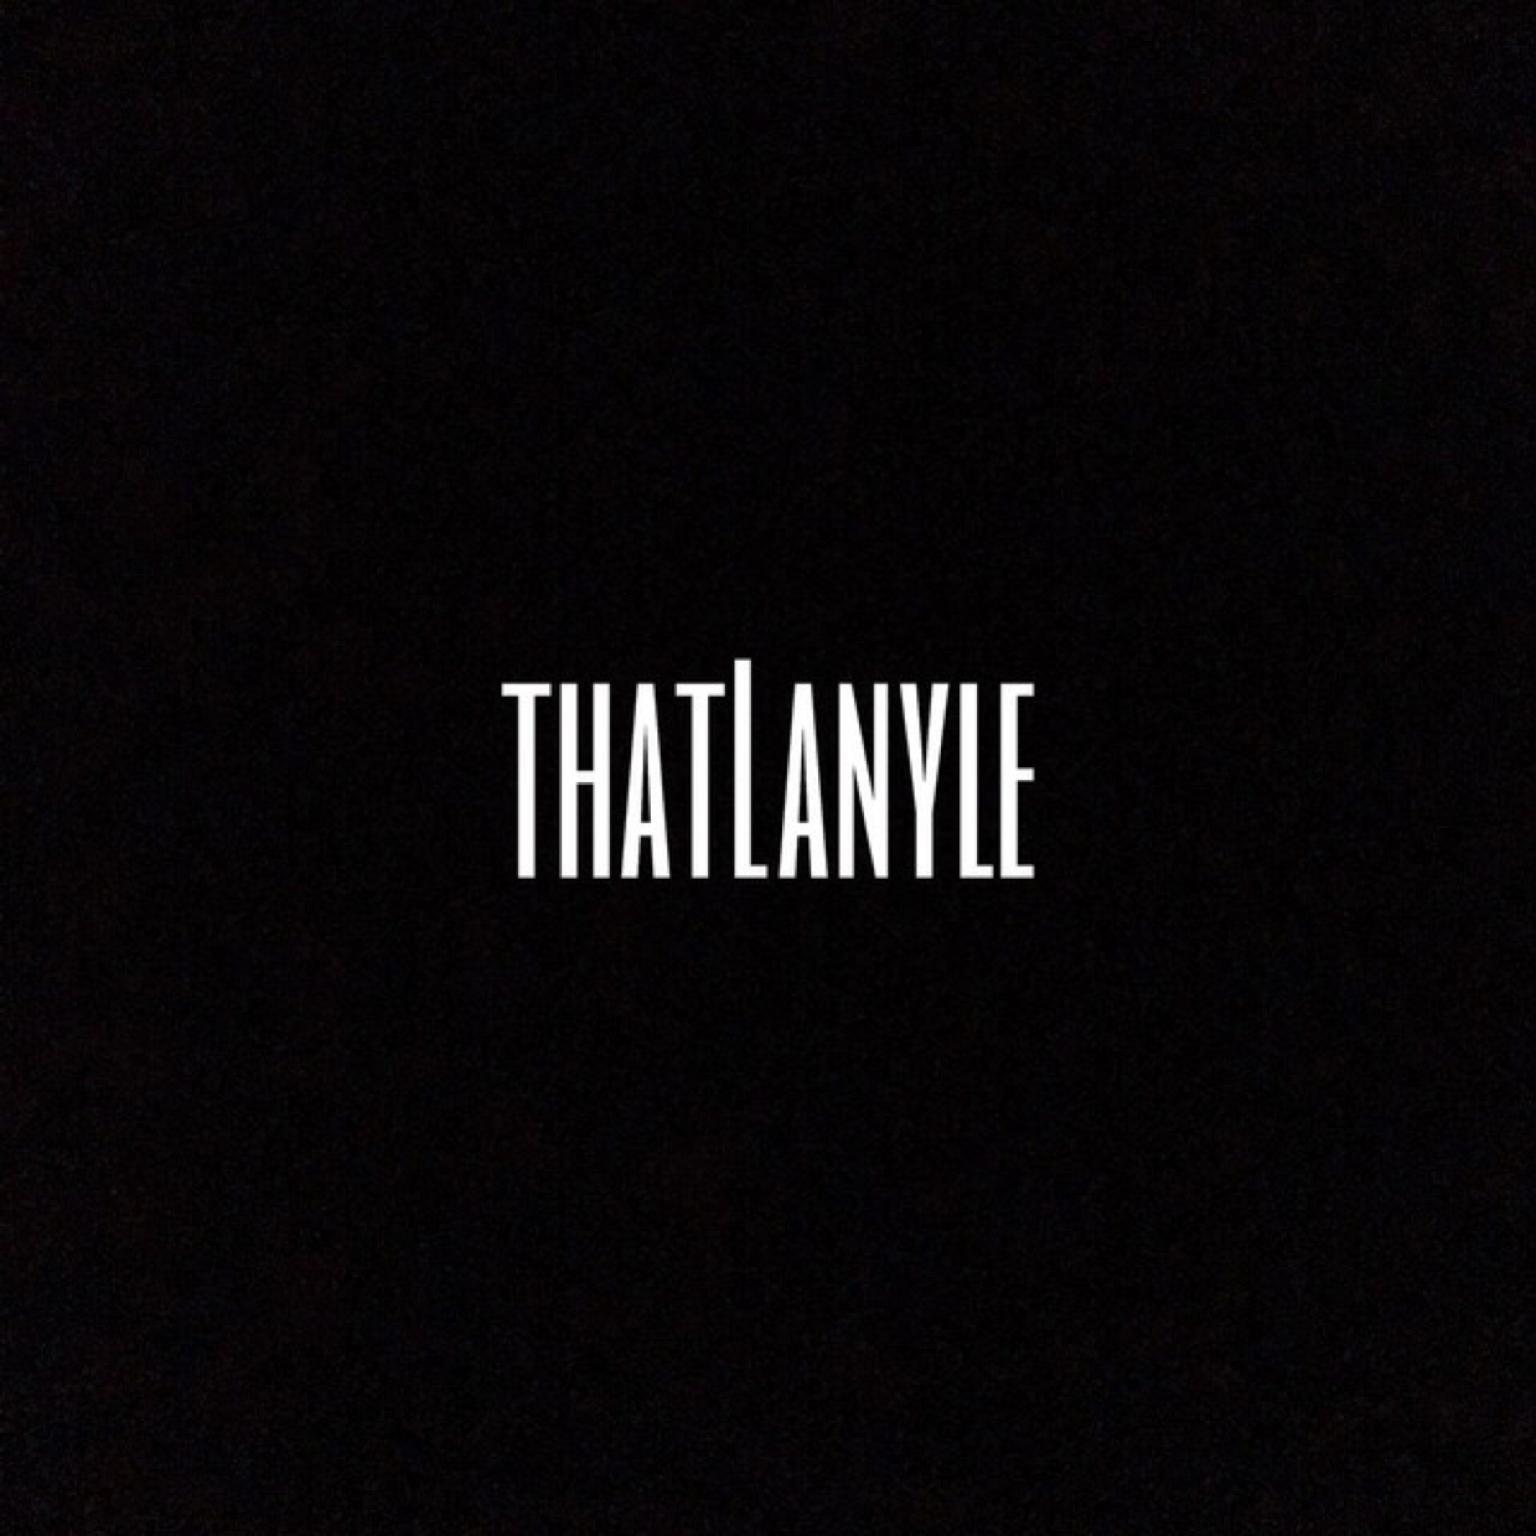 ThatLanyle